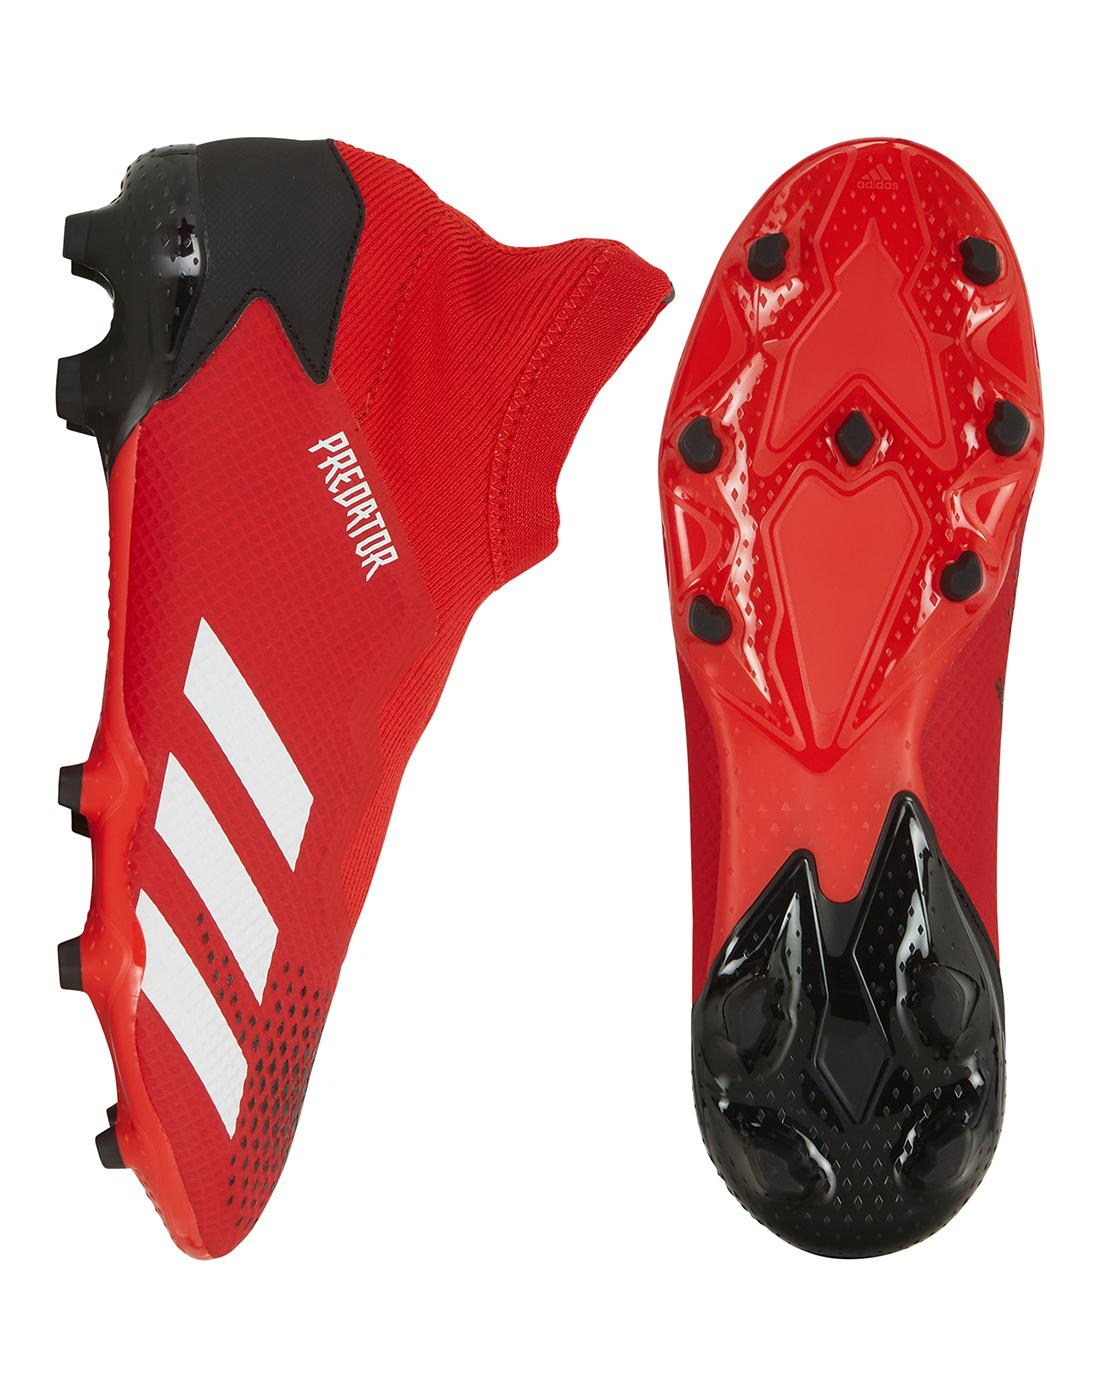 Adidas Predator Match Shin Guards? Mutator The Soccer.